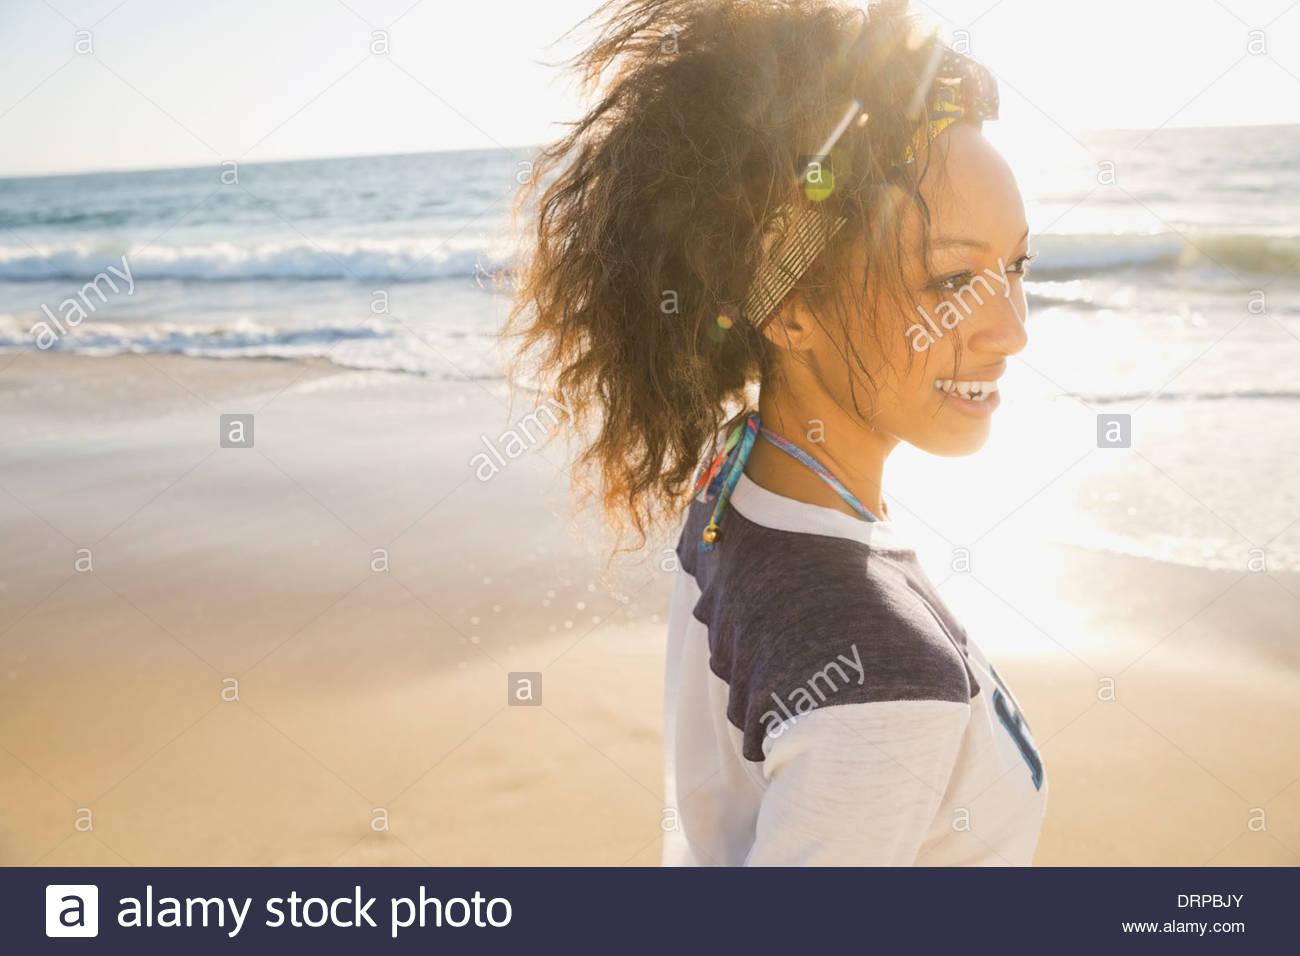 Donna trascorrere il tempo libero in spiaggia Immagini Stock